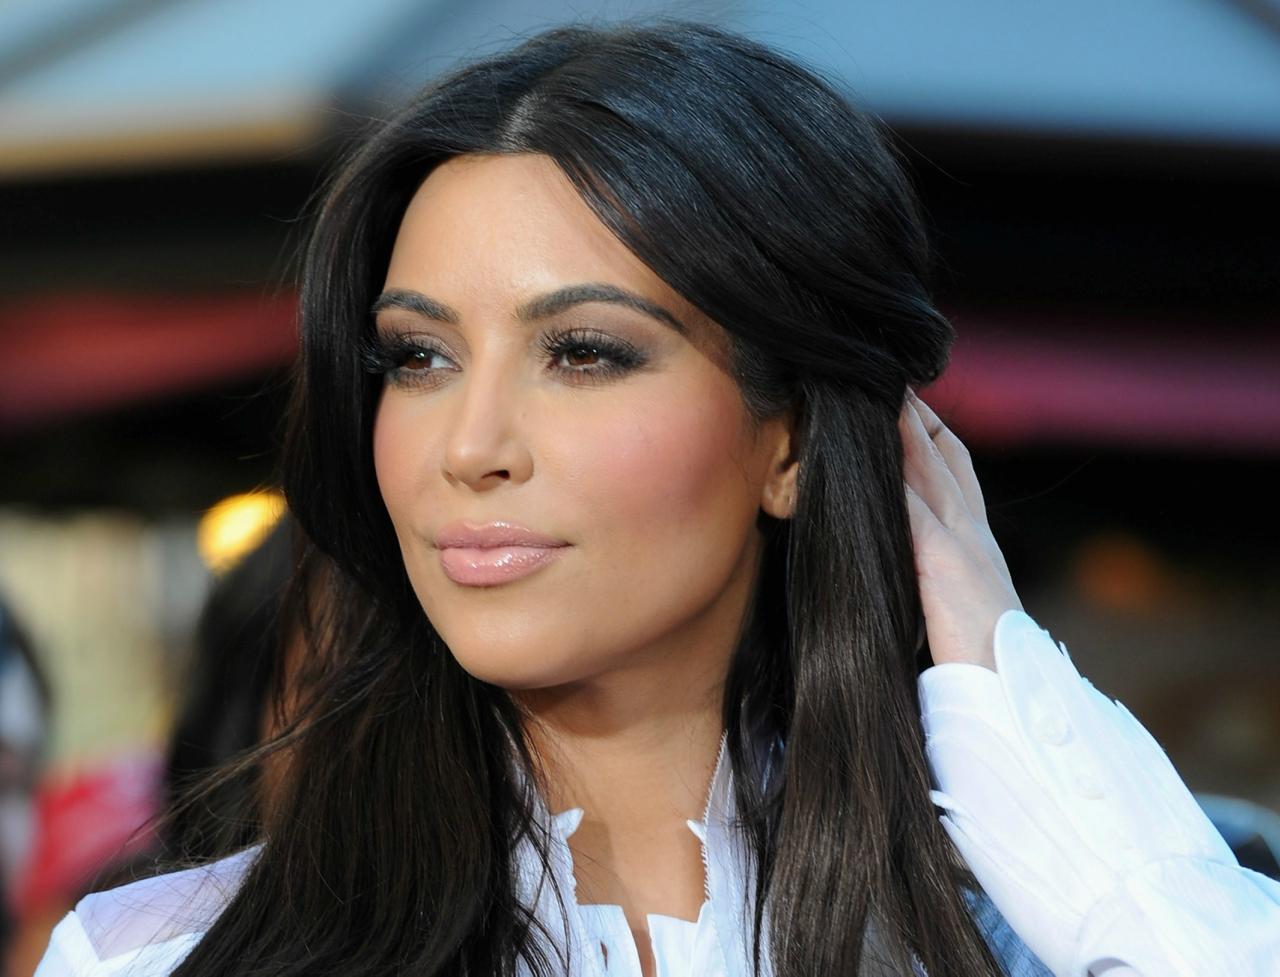 Ким Кардашьян хочет стать помощницей Амаль Клуни